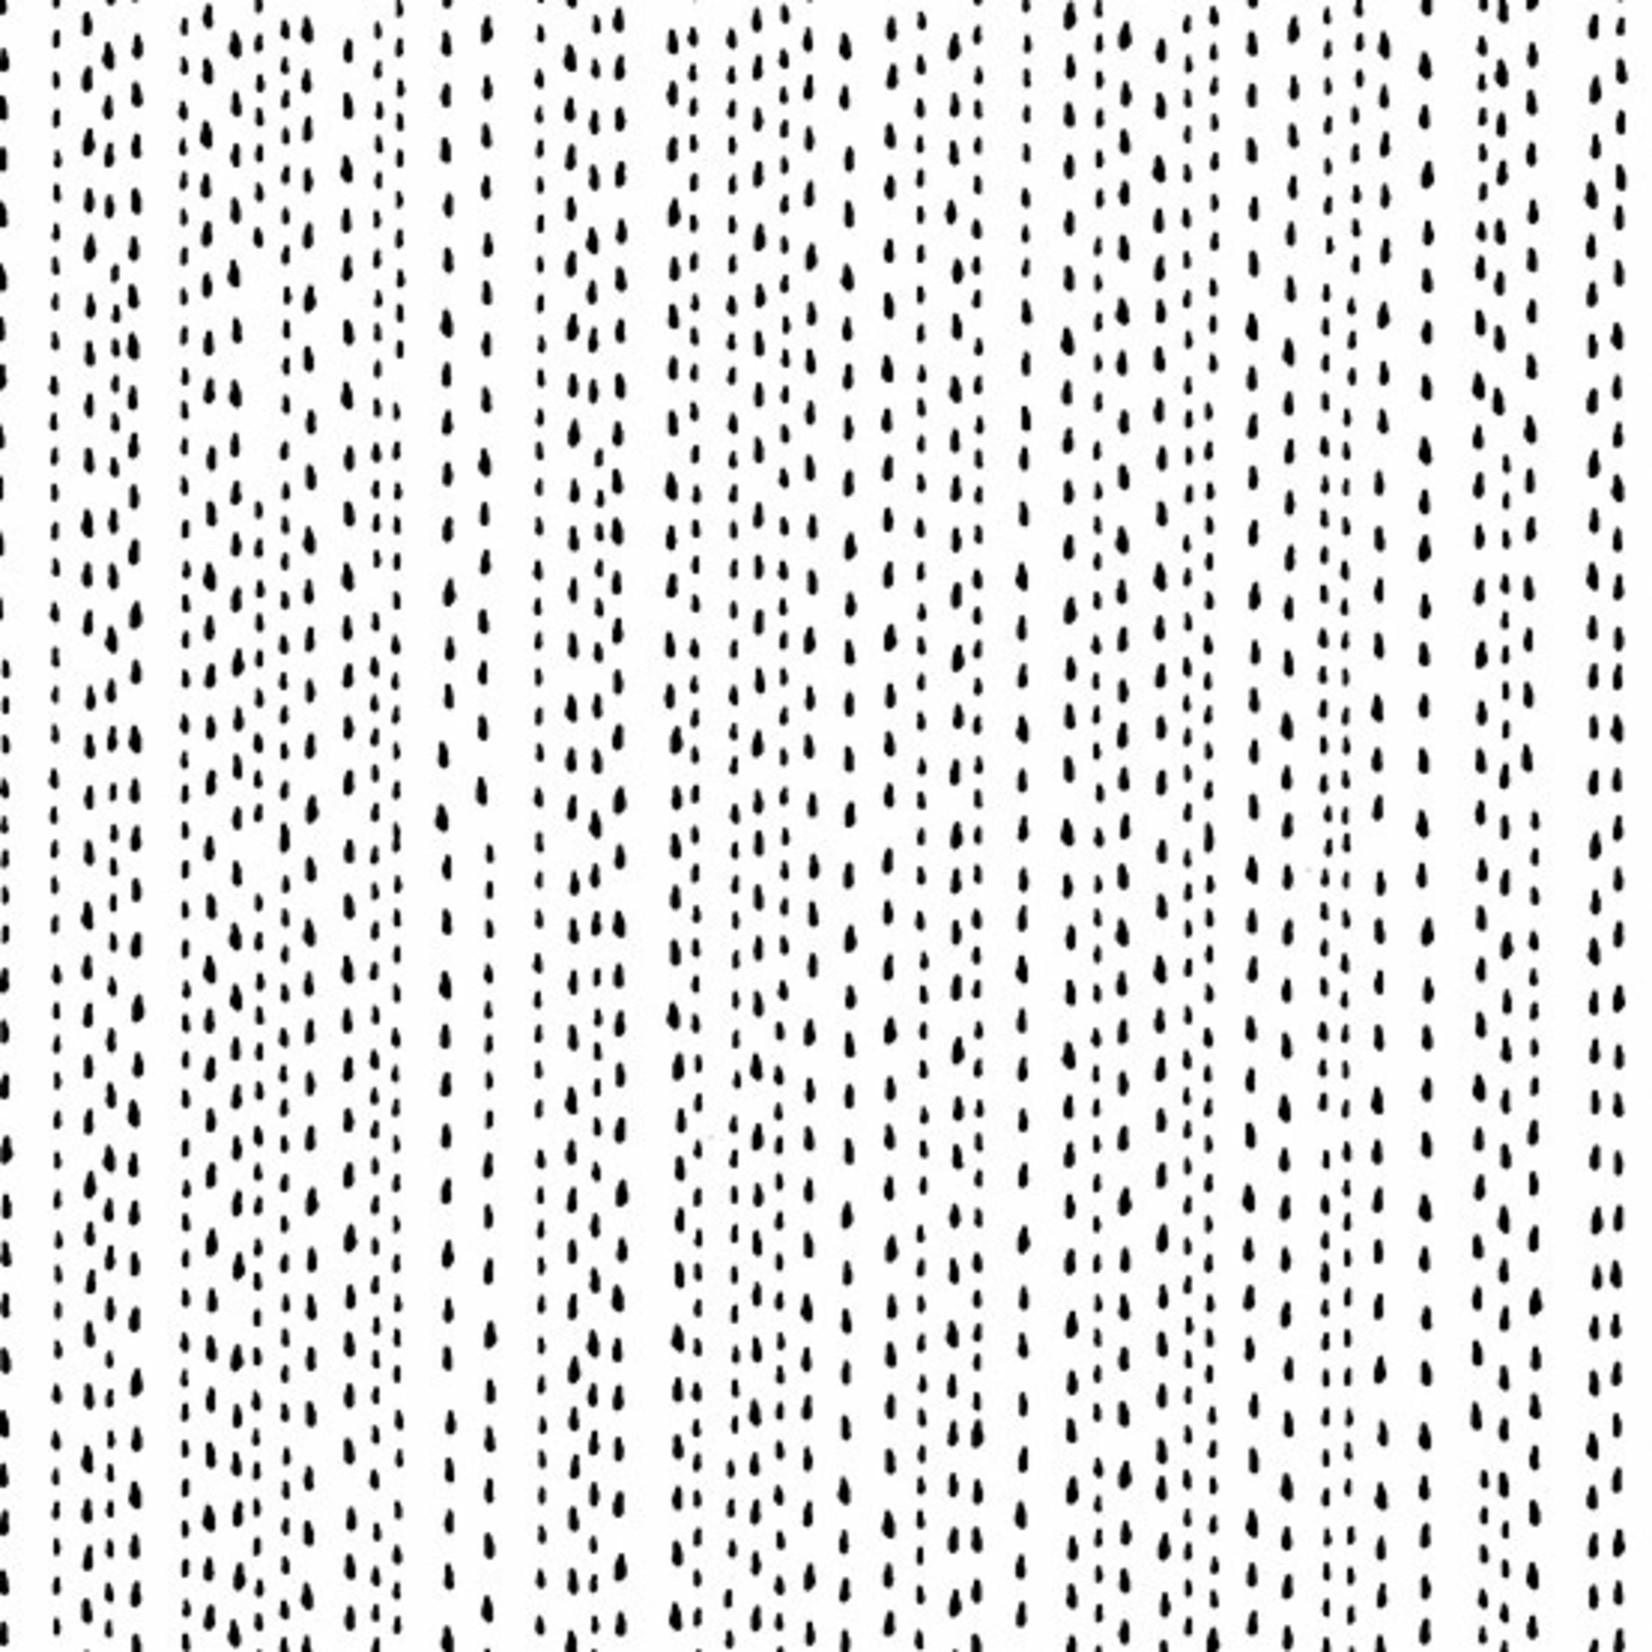 Andover Century Black on White, Rain Drops CS-9673-L $0.18 per cm or $18/m